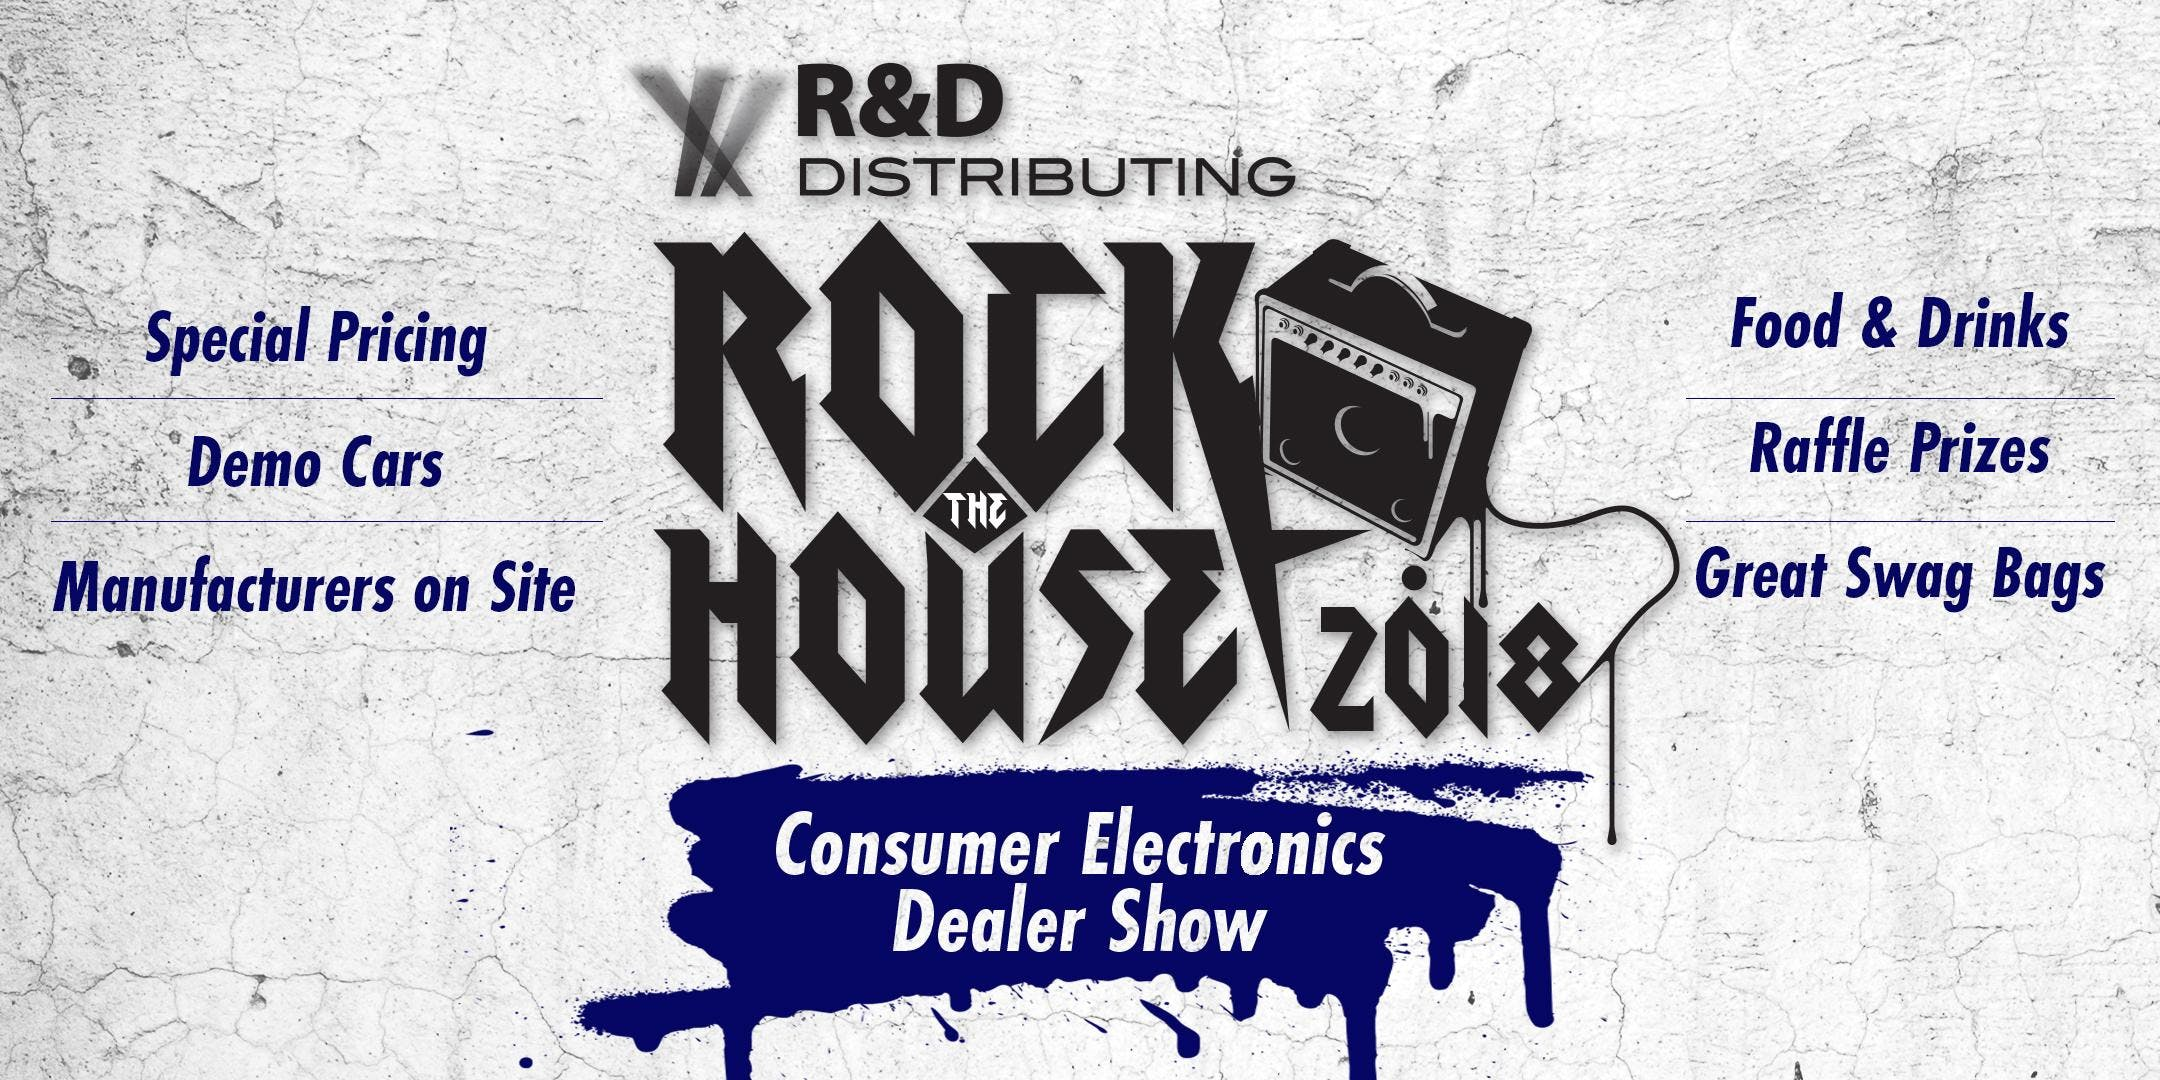 Rock The House 2018 | Consumer Electronics De